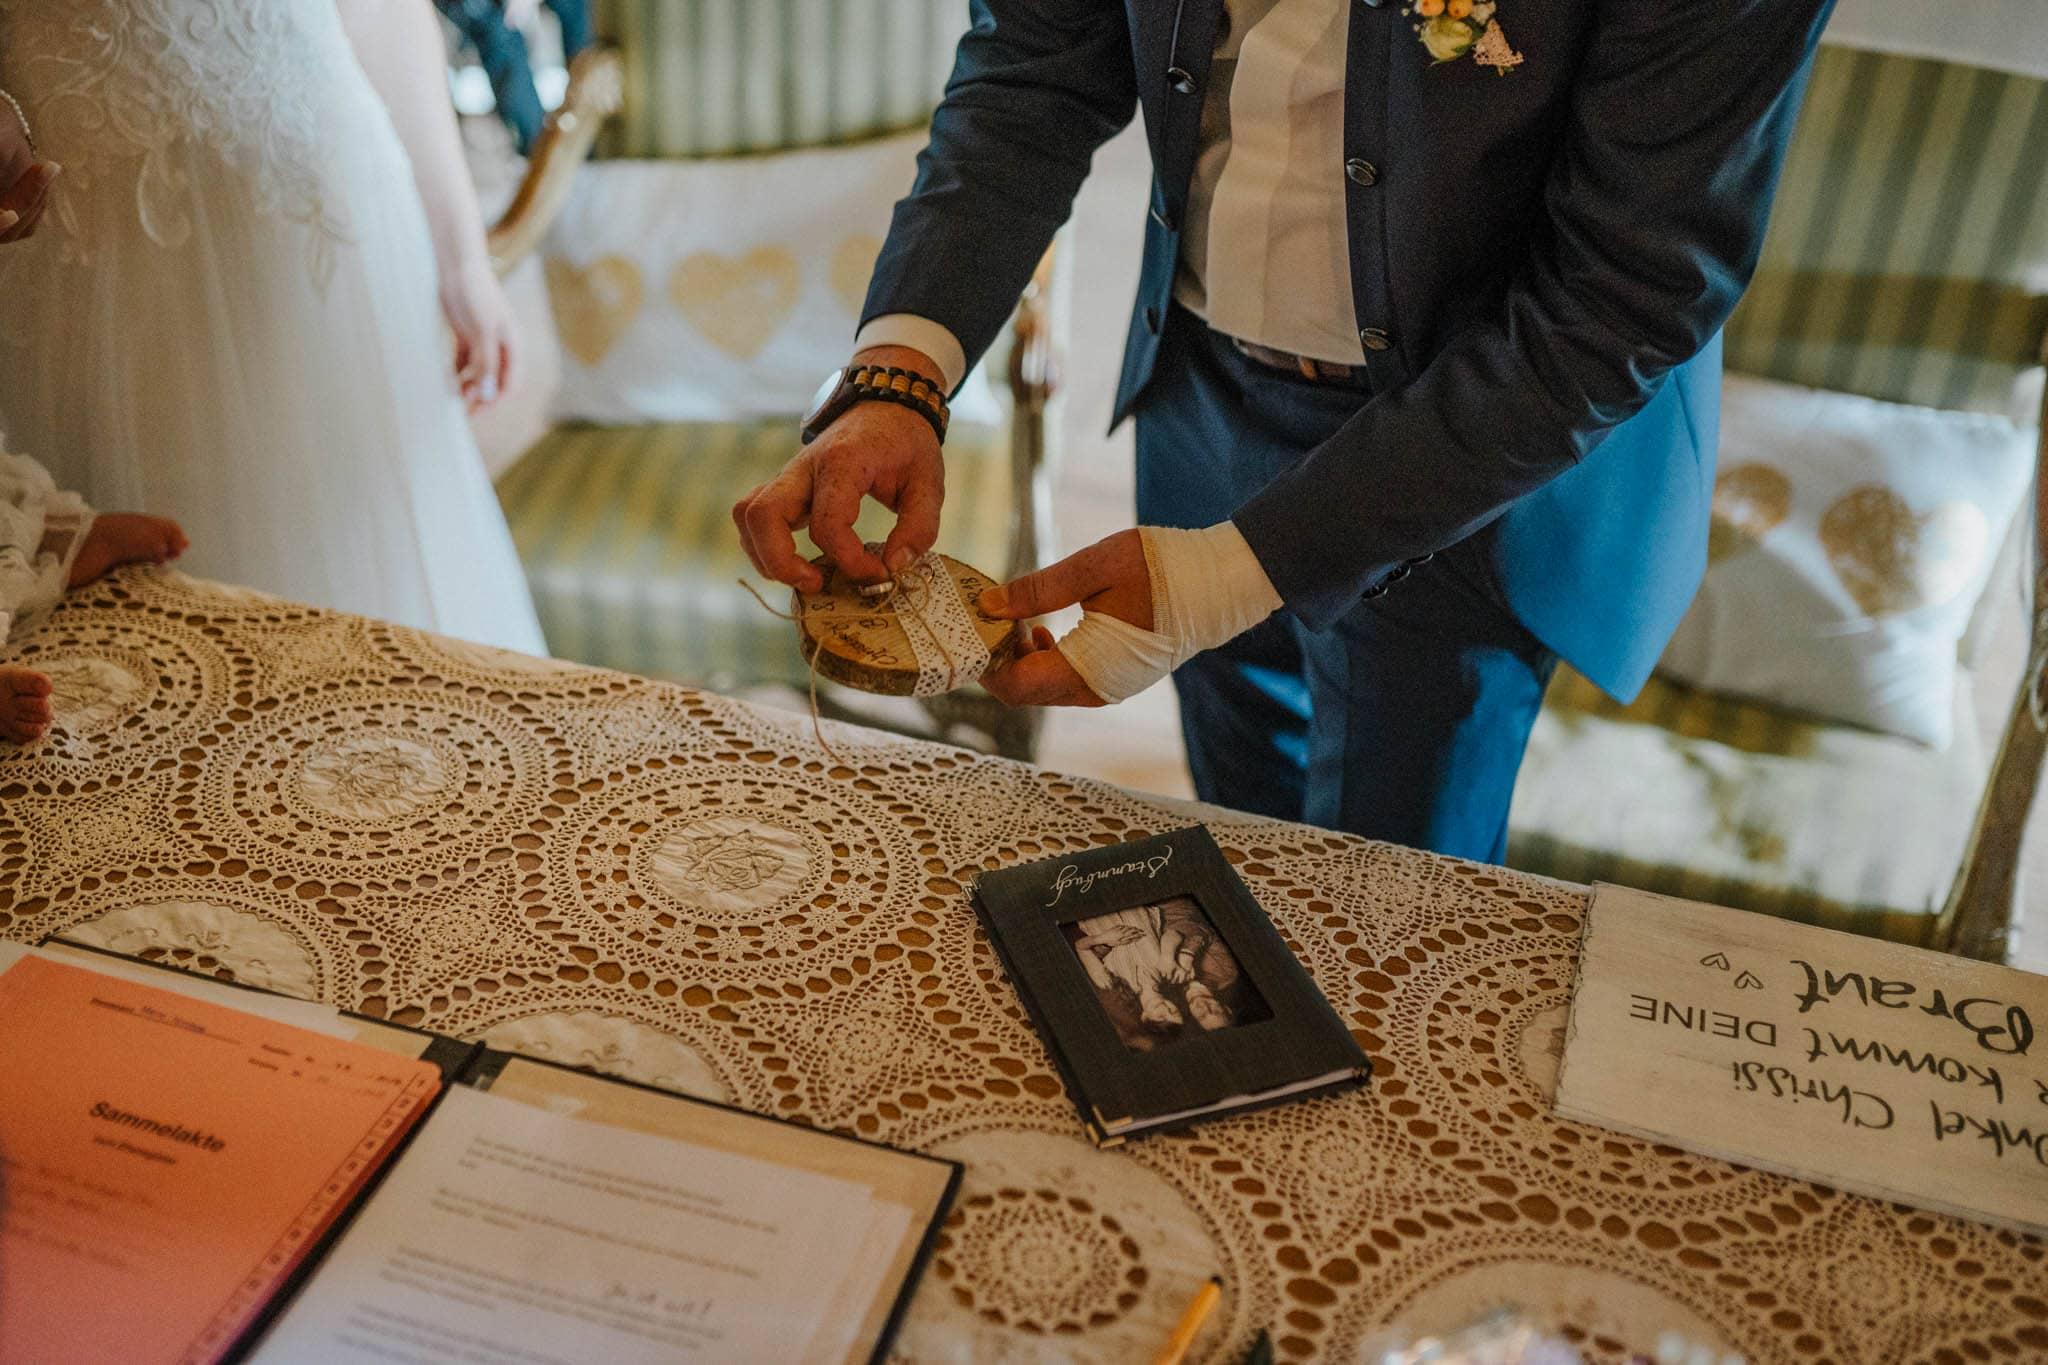 Hochzeitsfieber by Photo-Schomburg, Hoichzeitsfotograf, Hamburg, Wedding, Weddingtime, Hochzeitspaar, Braut, Bräutigam, Hochzeit im Norden,-57